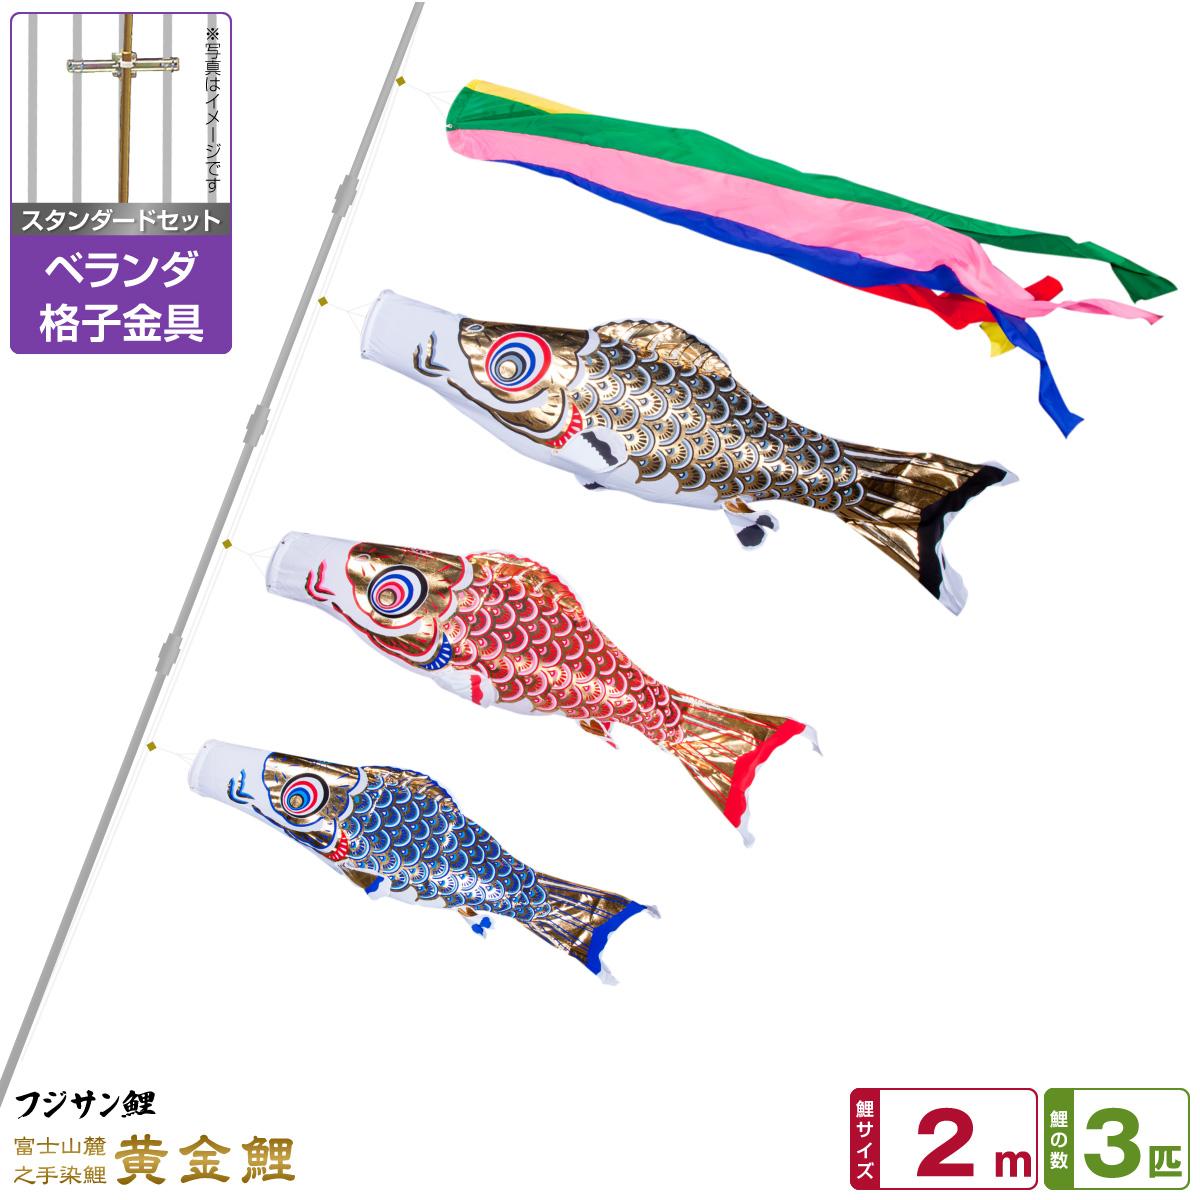 ベランダ用 こいのぼり 鯉のぼり フジサン鯉 黄金鯉 2m 6点(吹流し+鯉3匹+矢車+ロープ)/スタンダードセット(格子金具)